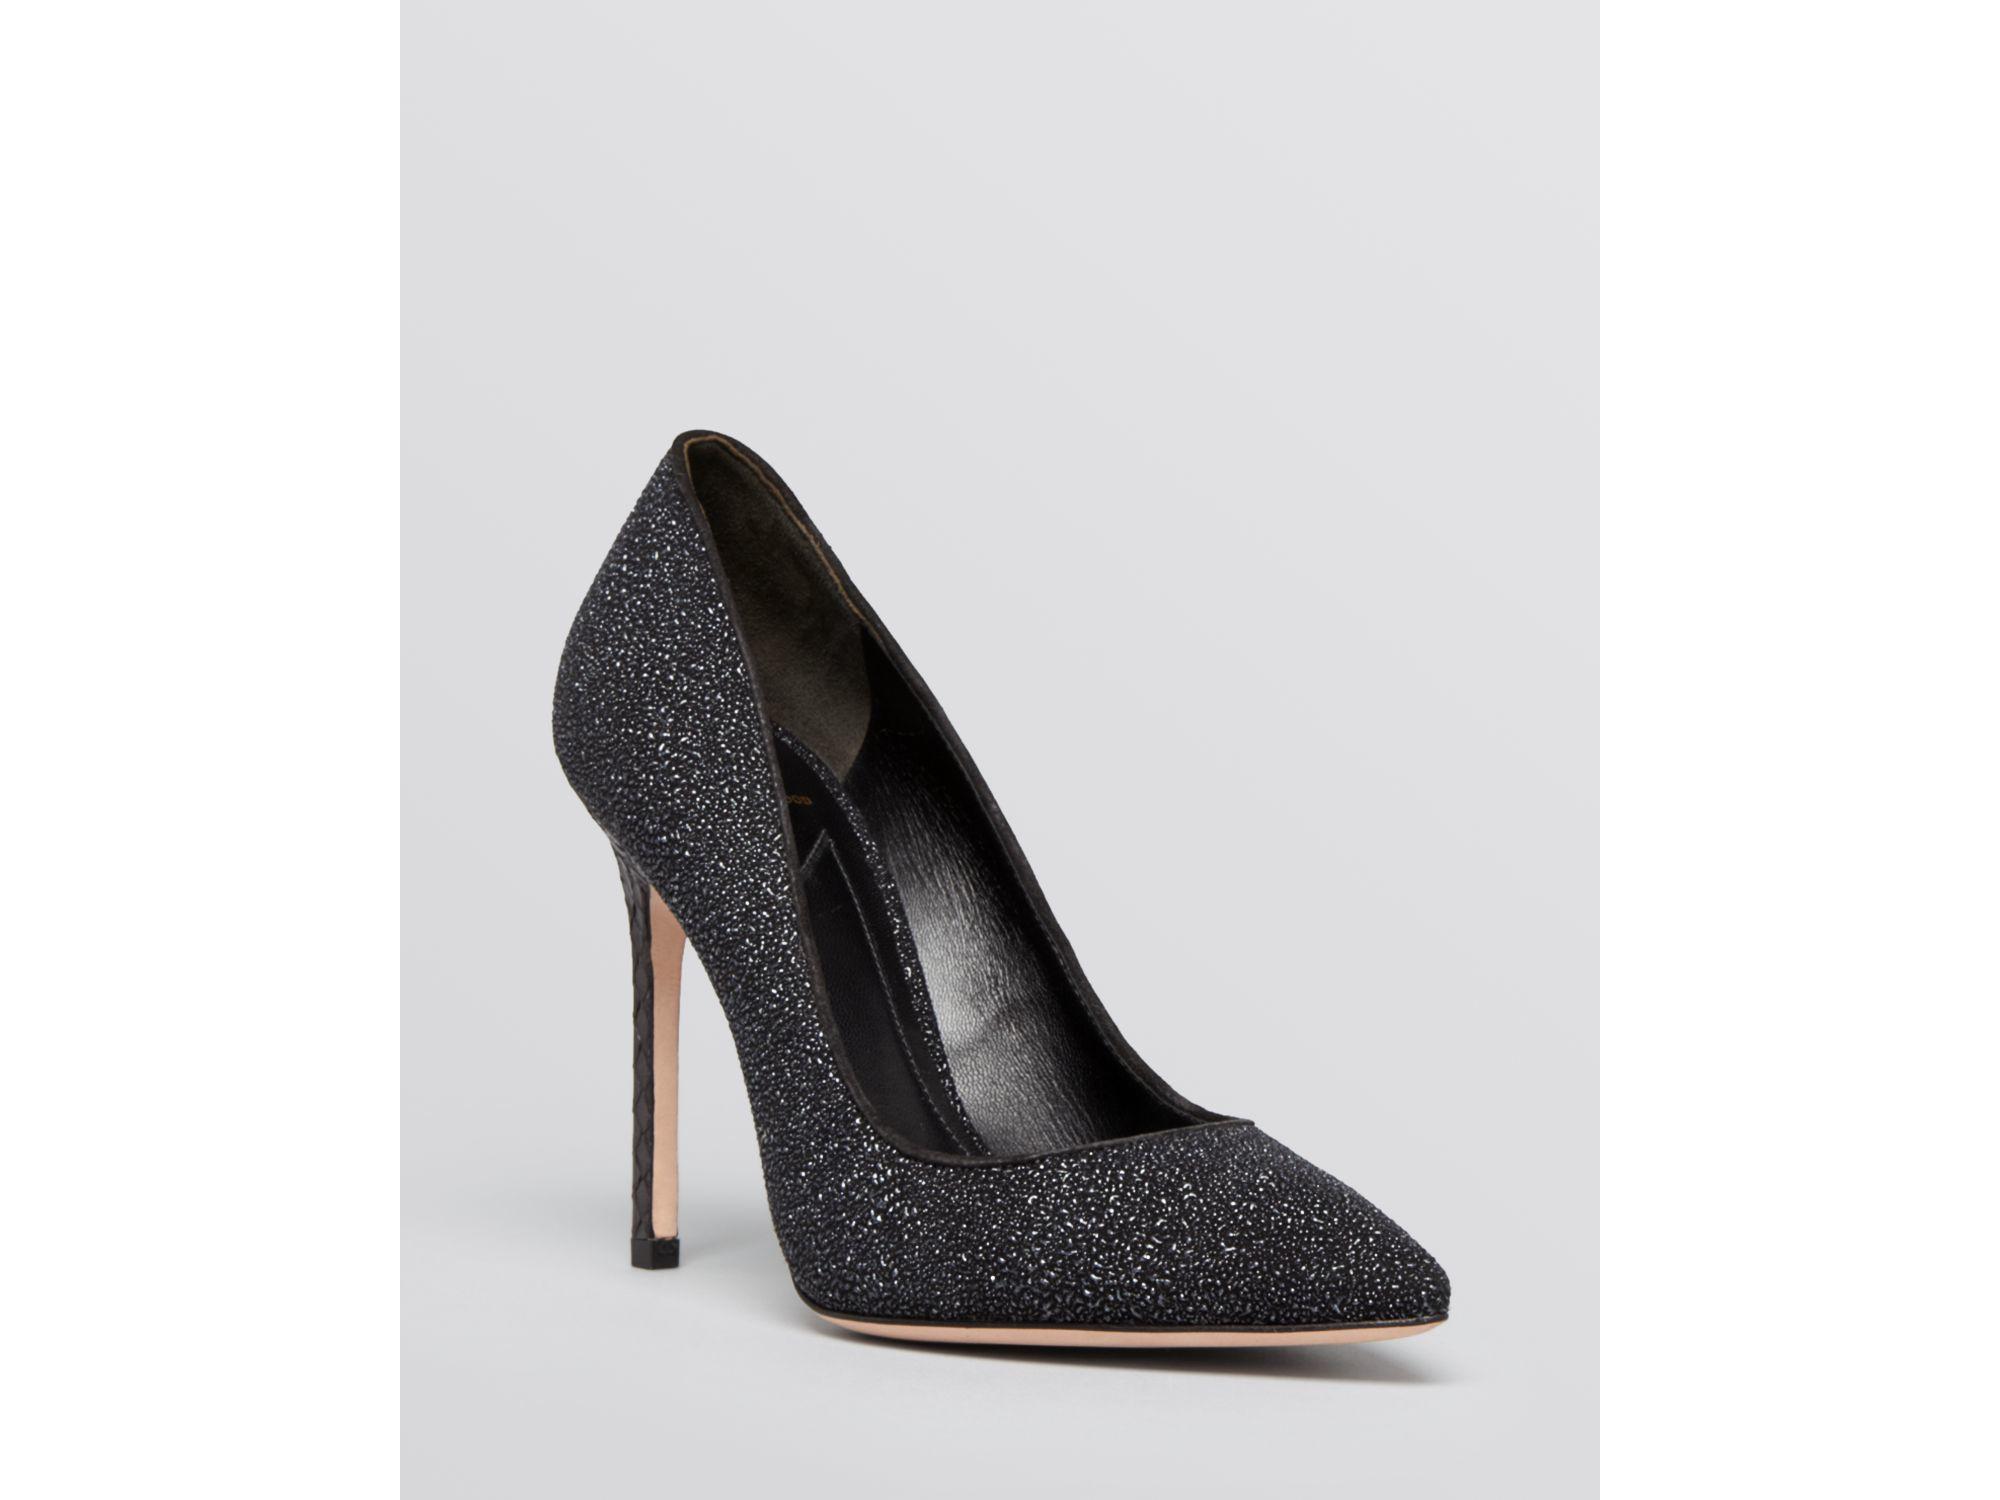 faabfe5b66b B Brian Atwood Black Pointed Toe Evening Pumps - Naina Sugar Textured High  Heel